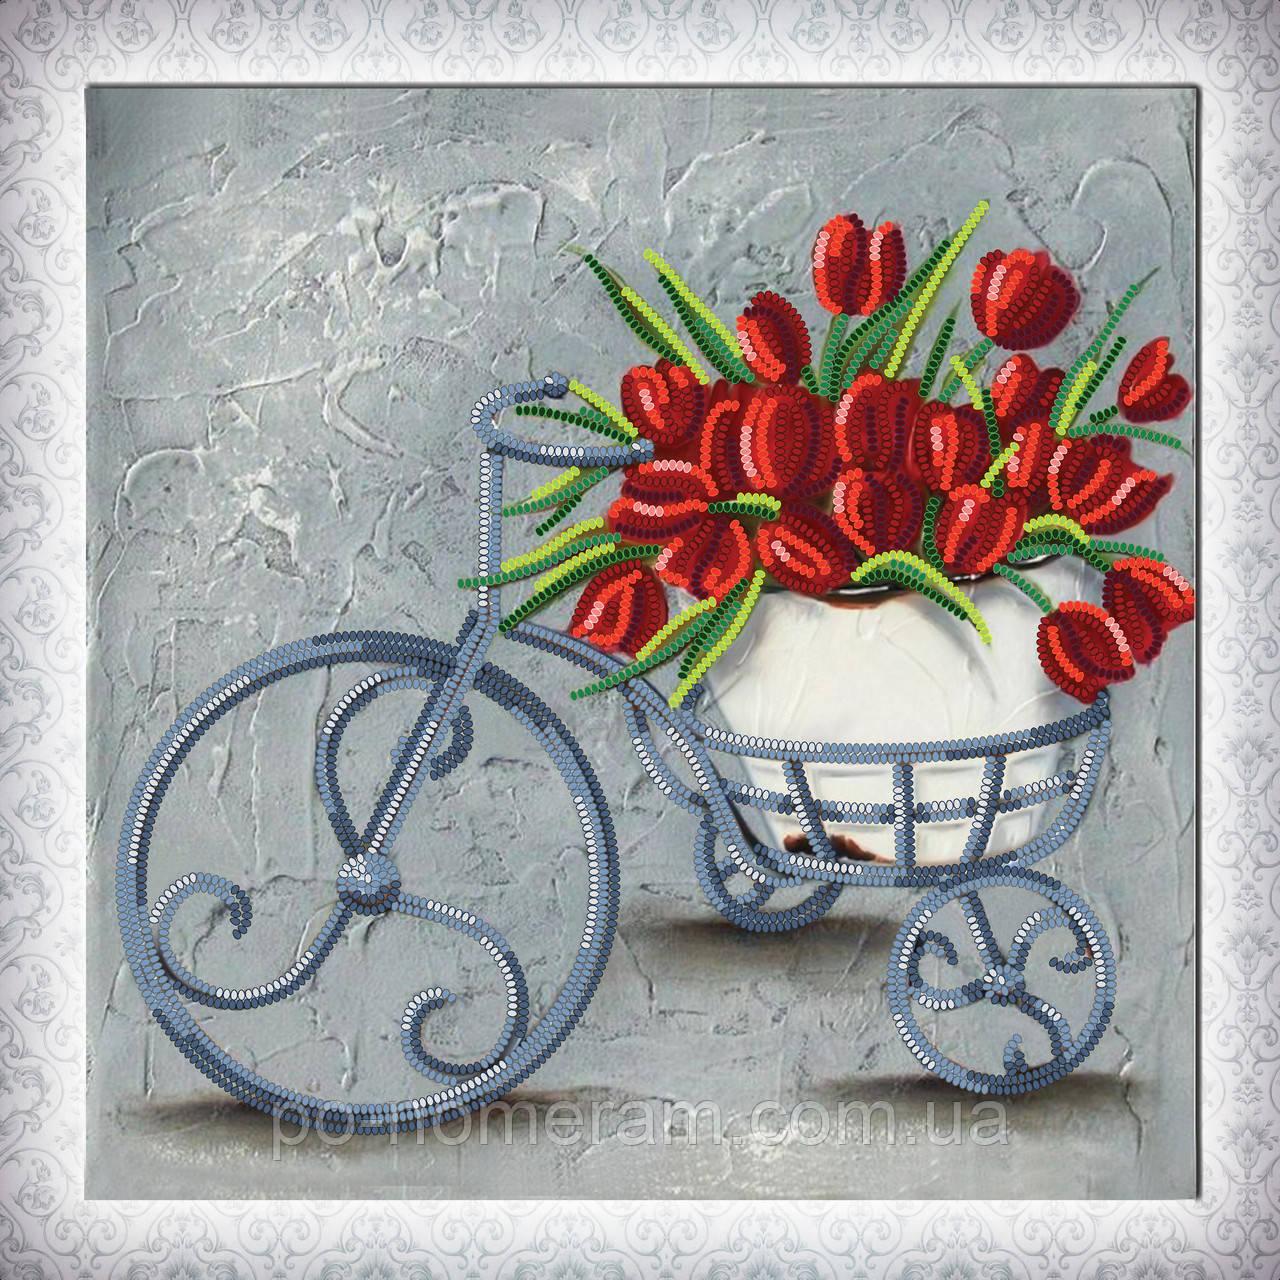 Картина из бисера Идейка Навстречу весне (ВБ1070) 30 x 30 см